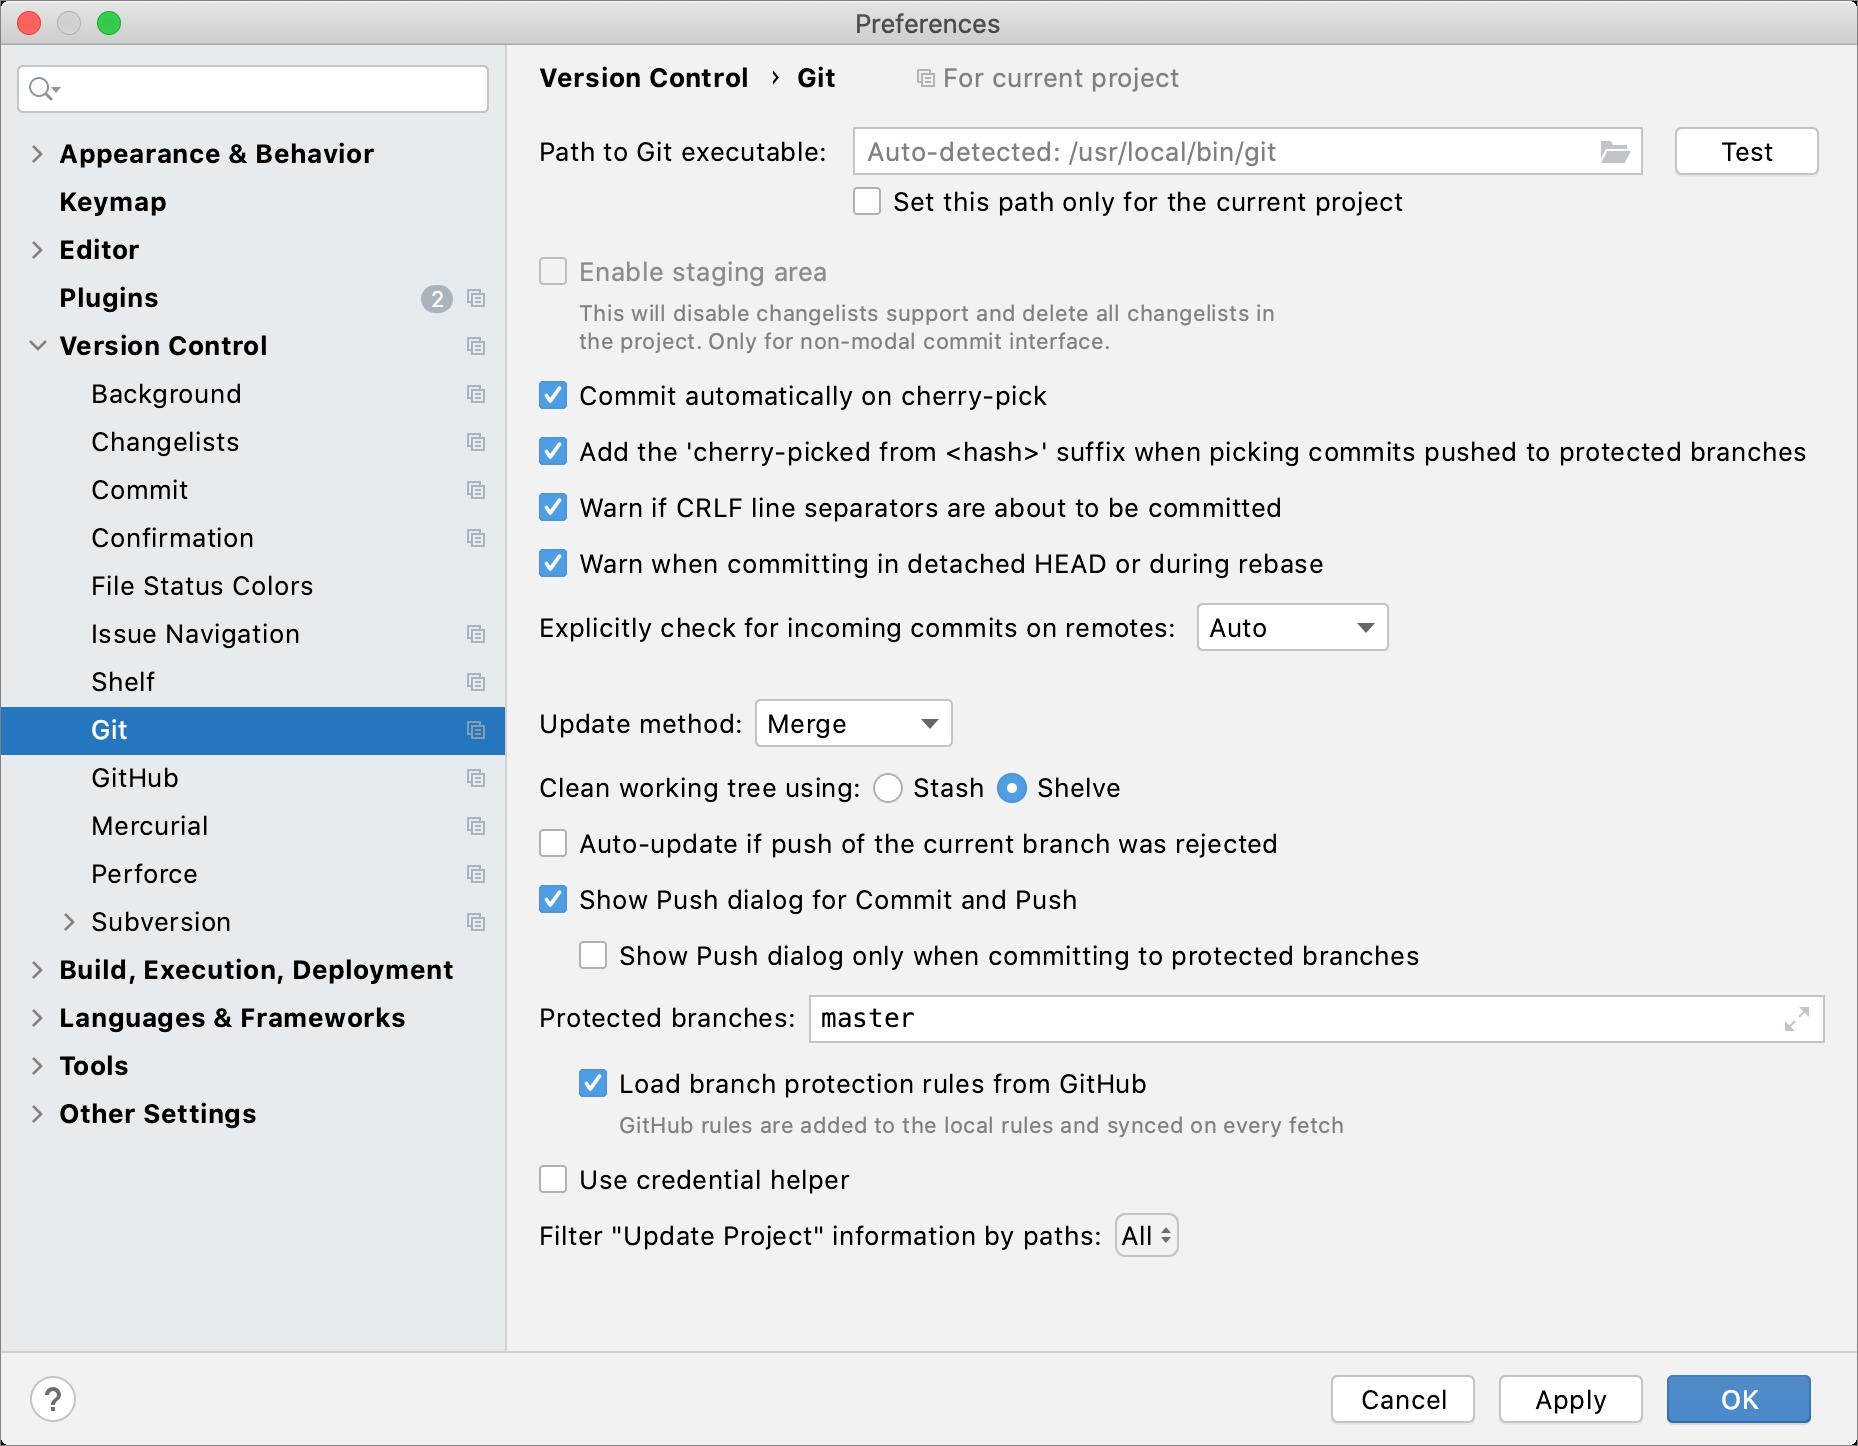 Editing VCS settings